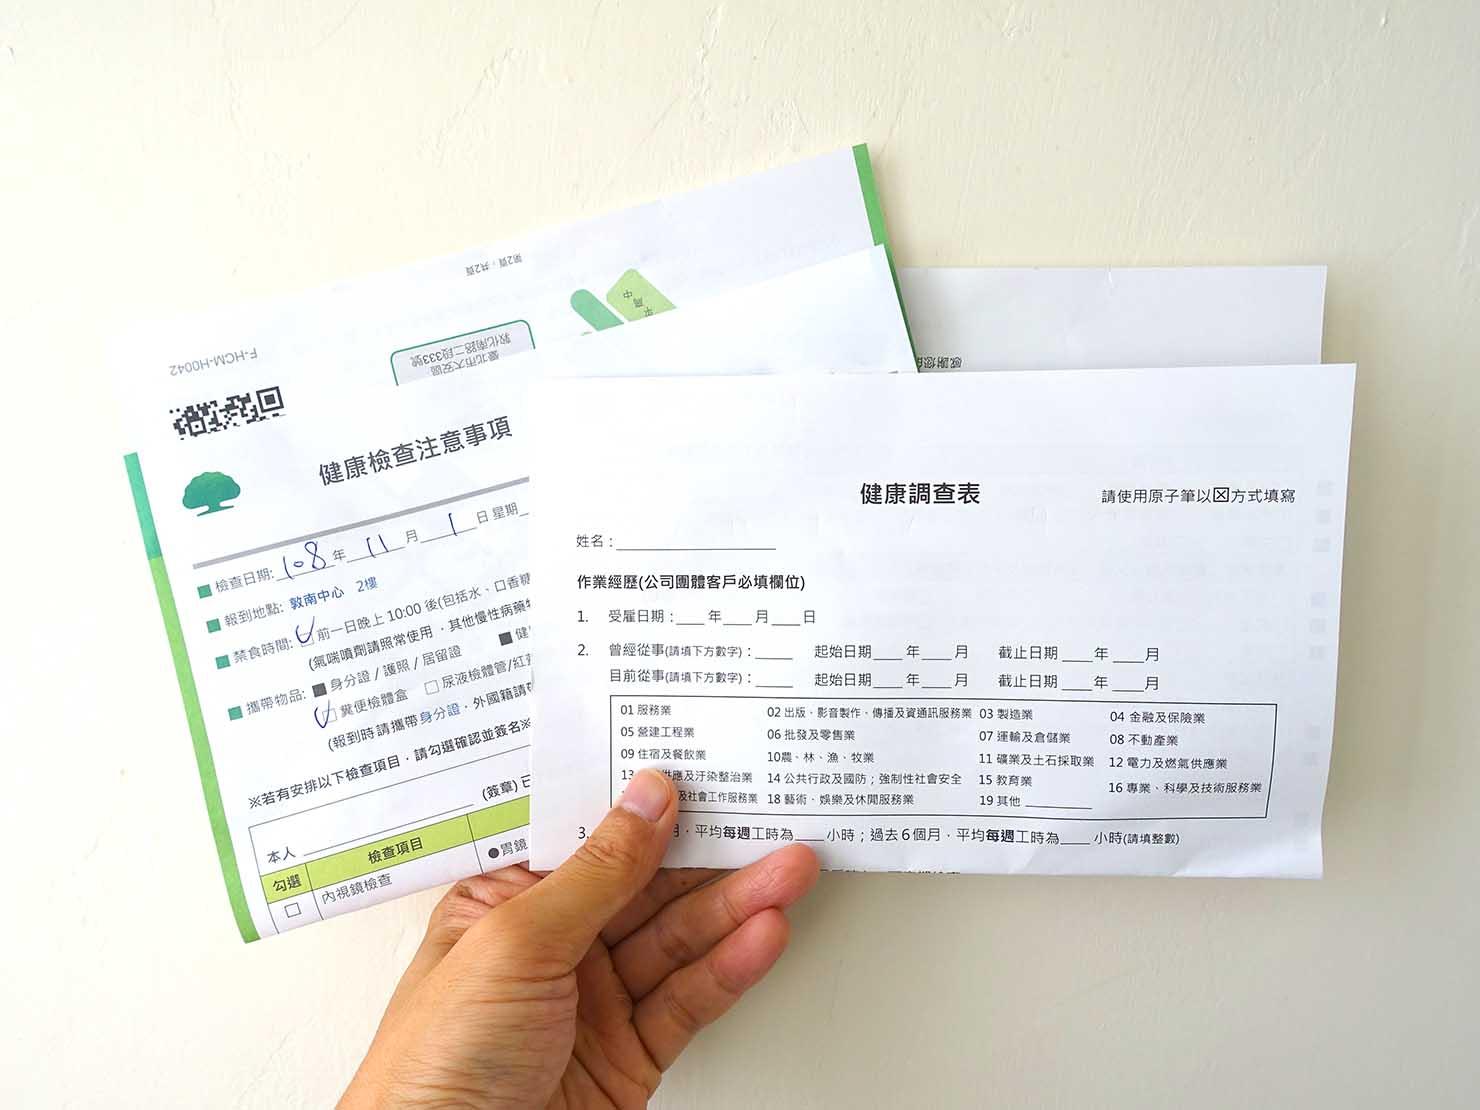 台湾の健康診断センター「國泰健康管理」から郵送される健康調查表